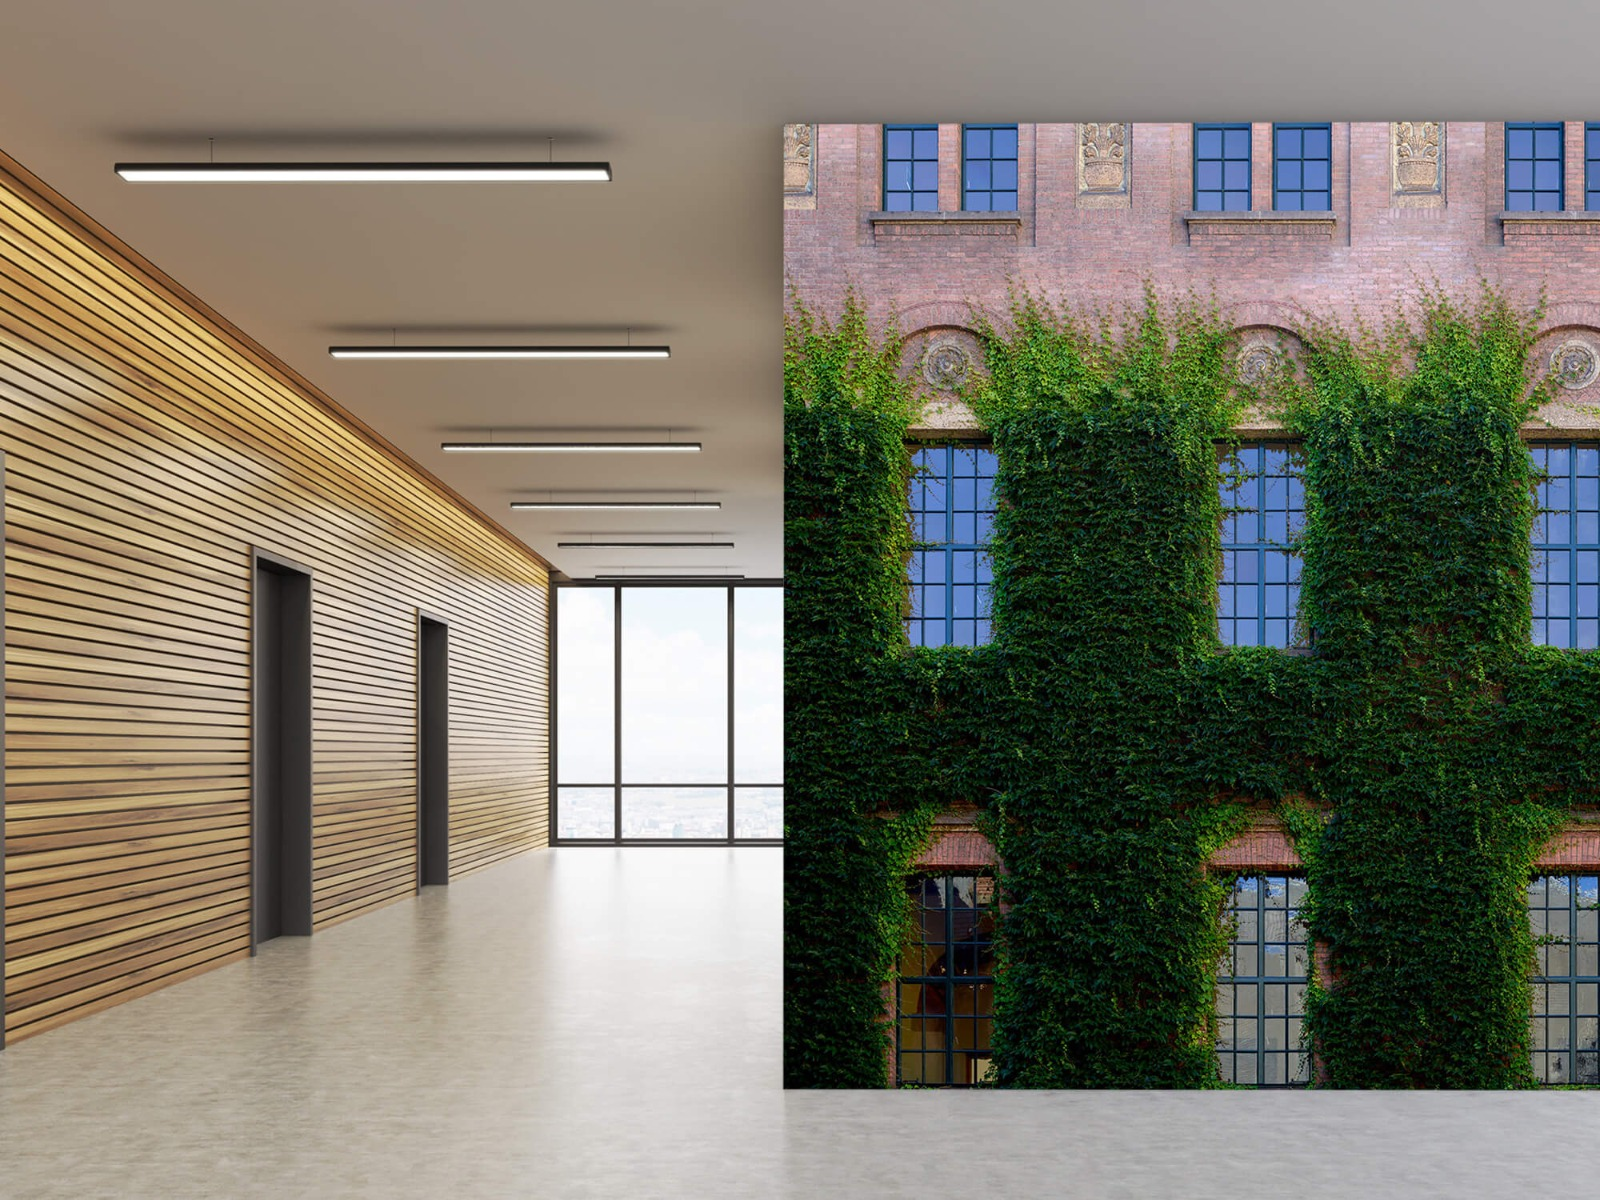 Gebouwen - Klimop op een muur - Woonkamer 5